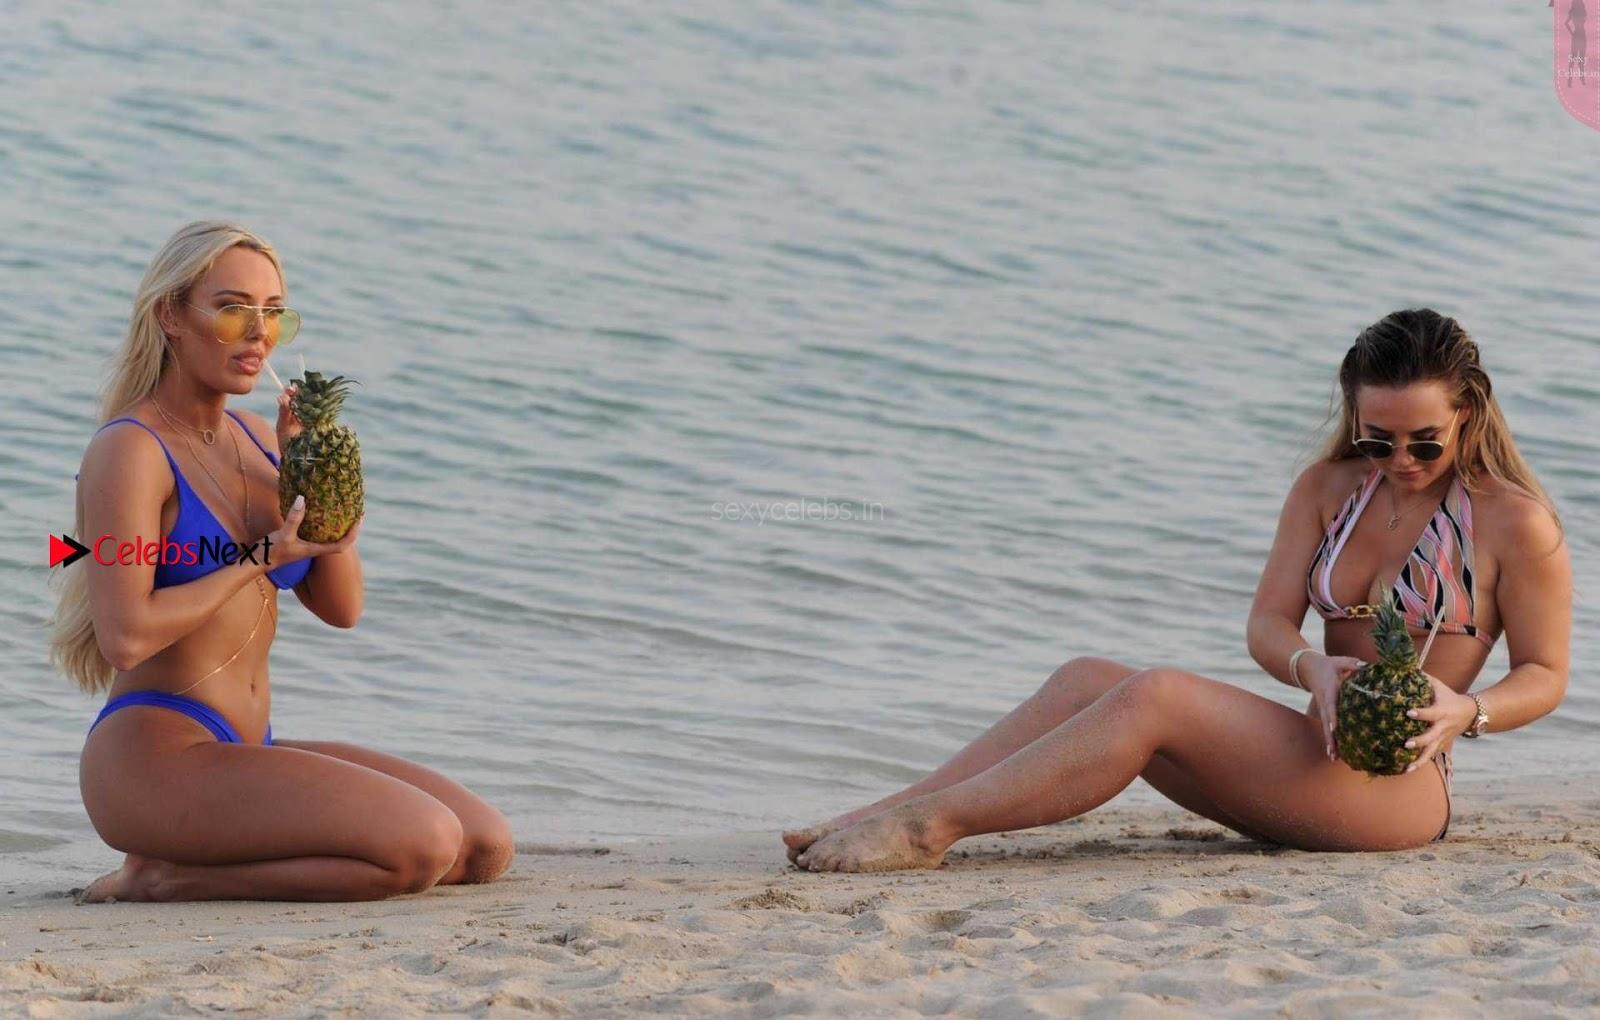 Amber Turner Beautiful Ass WOW in Blue Bikini Thongs ~ SexyCelebs.in Exclusive